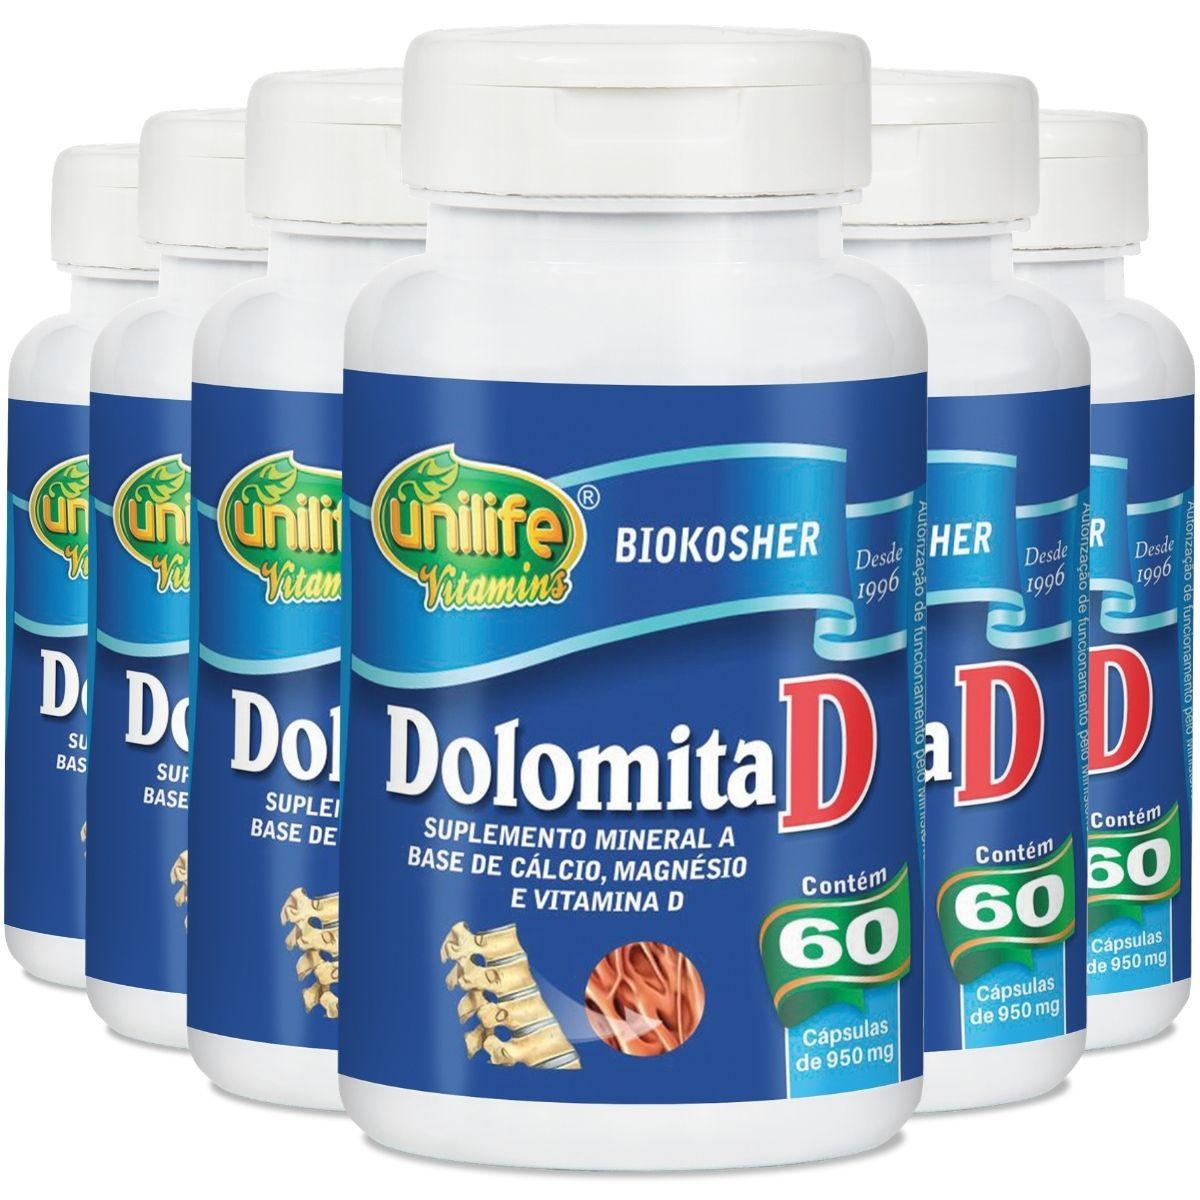 Kit 6 Dolomita D - Cálcio, Magnésio e Vitamina D3 60 Cápsulas - Unilife